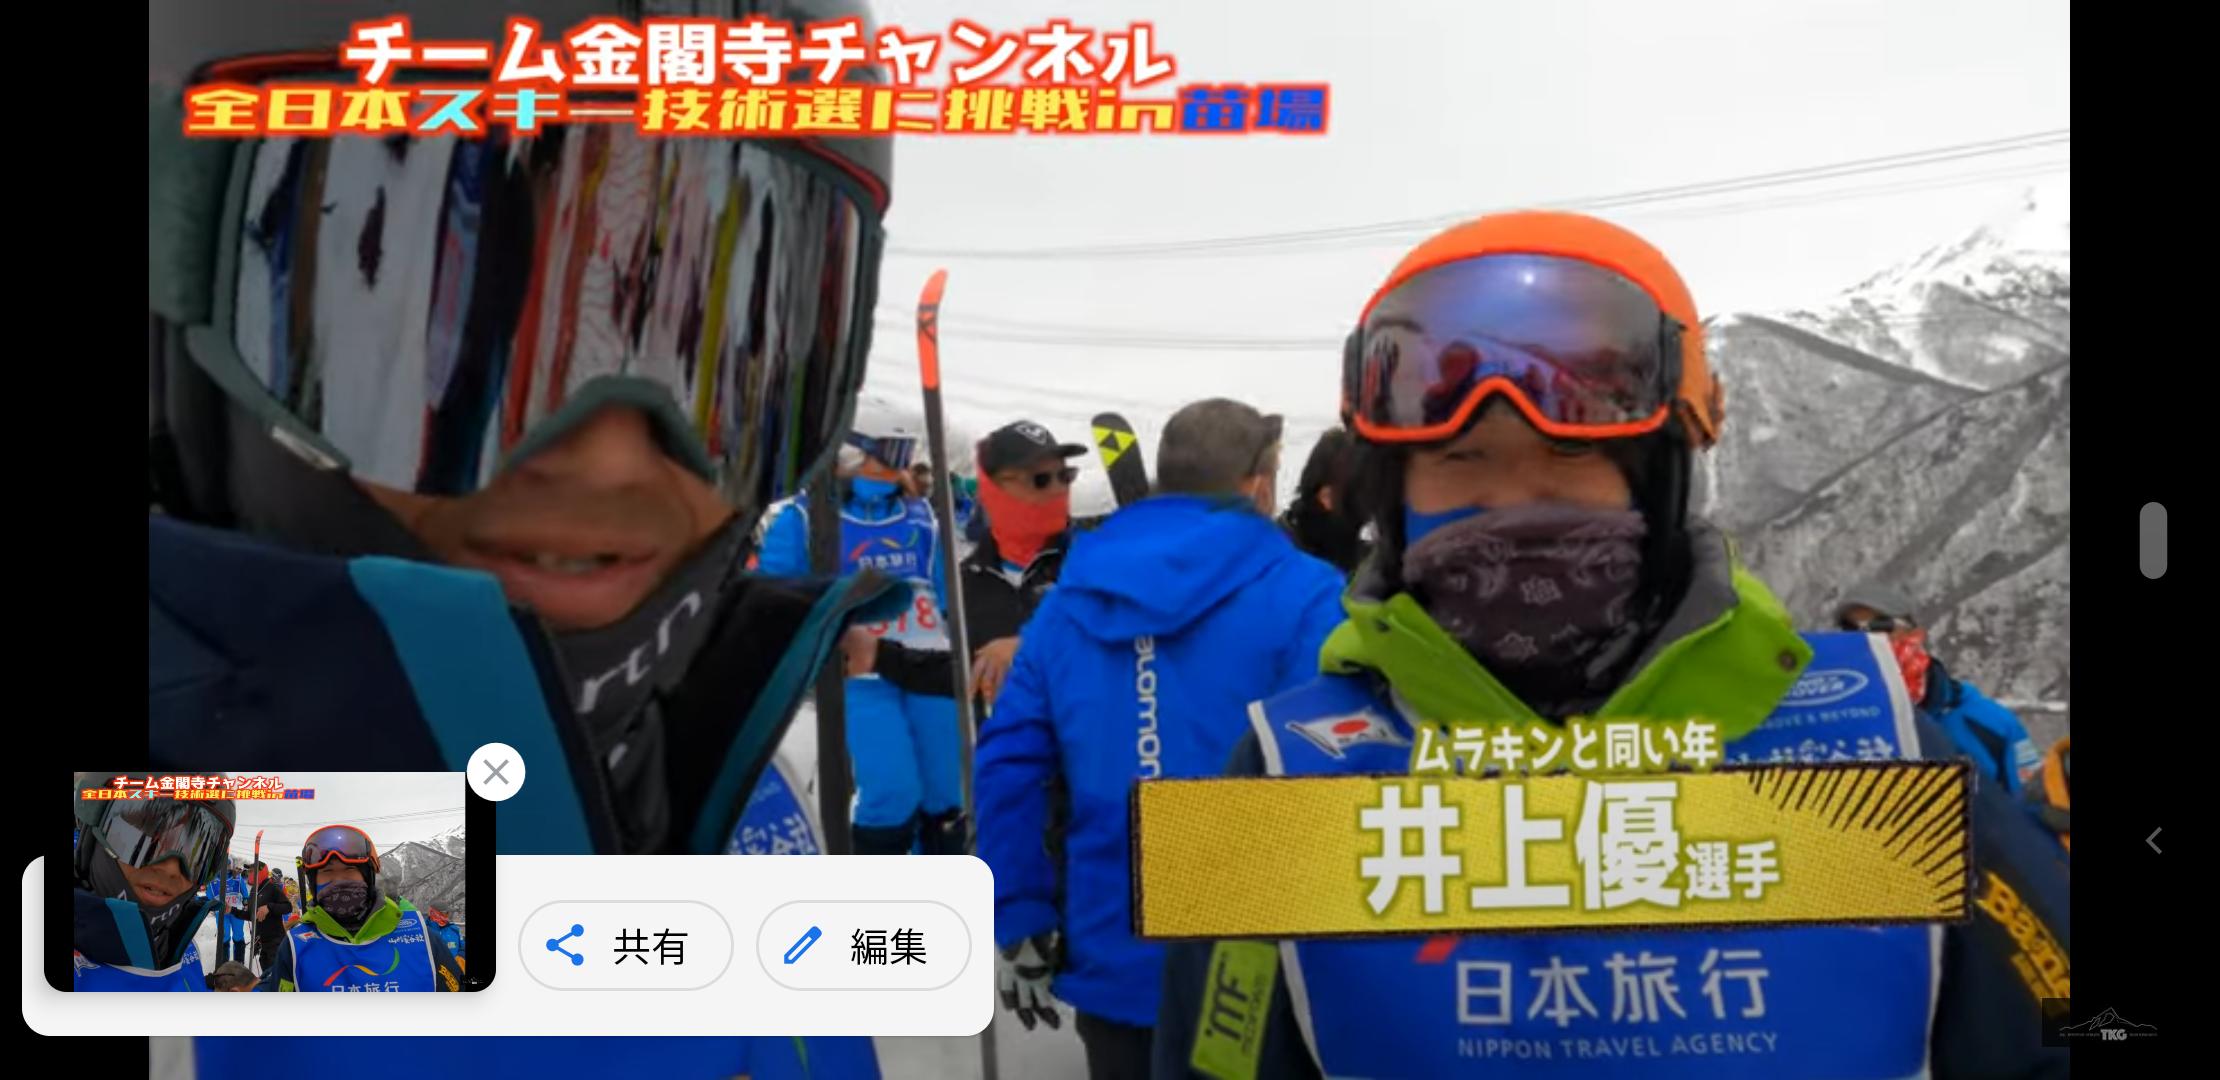 金閣寺 チーム 平成金閣寺のチーム紹介